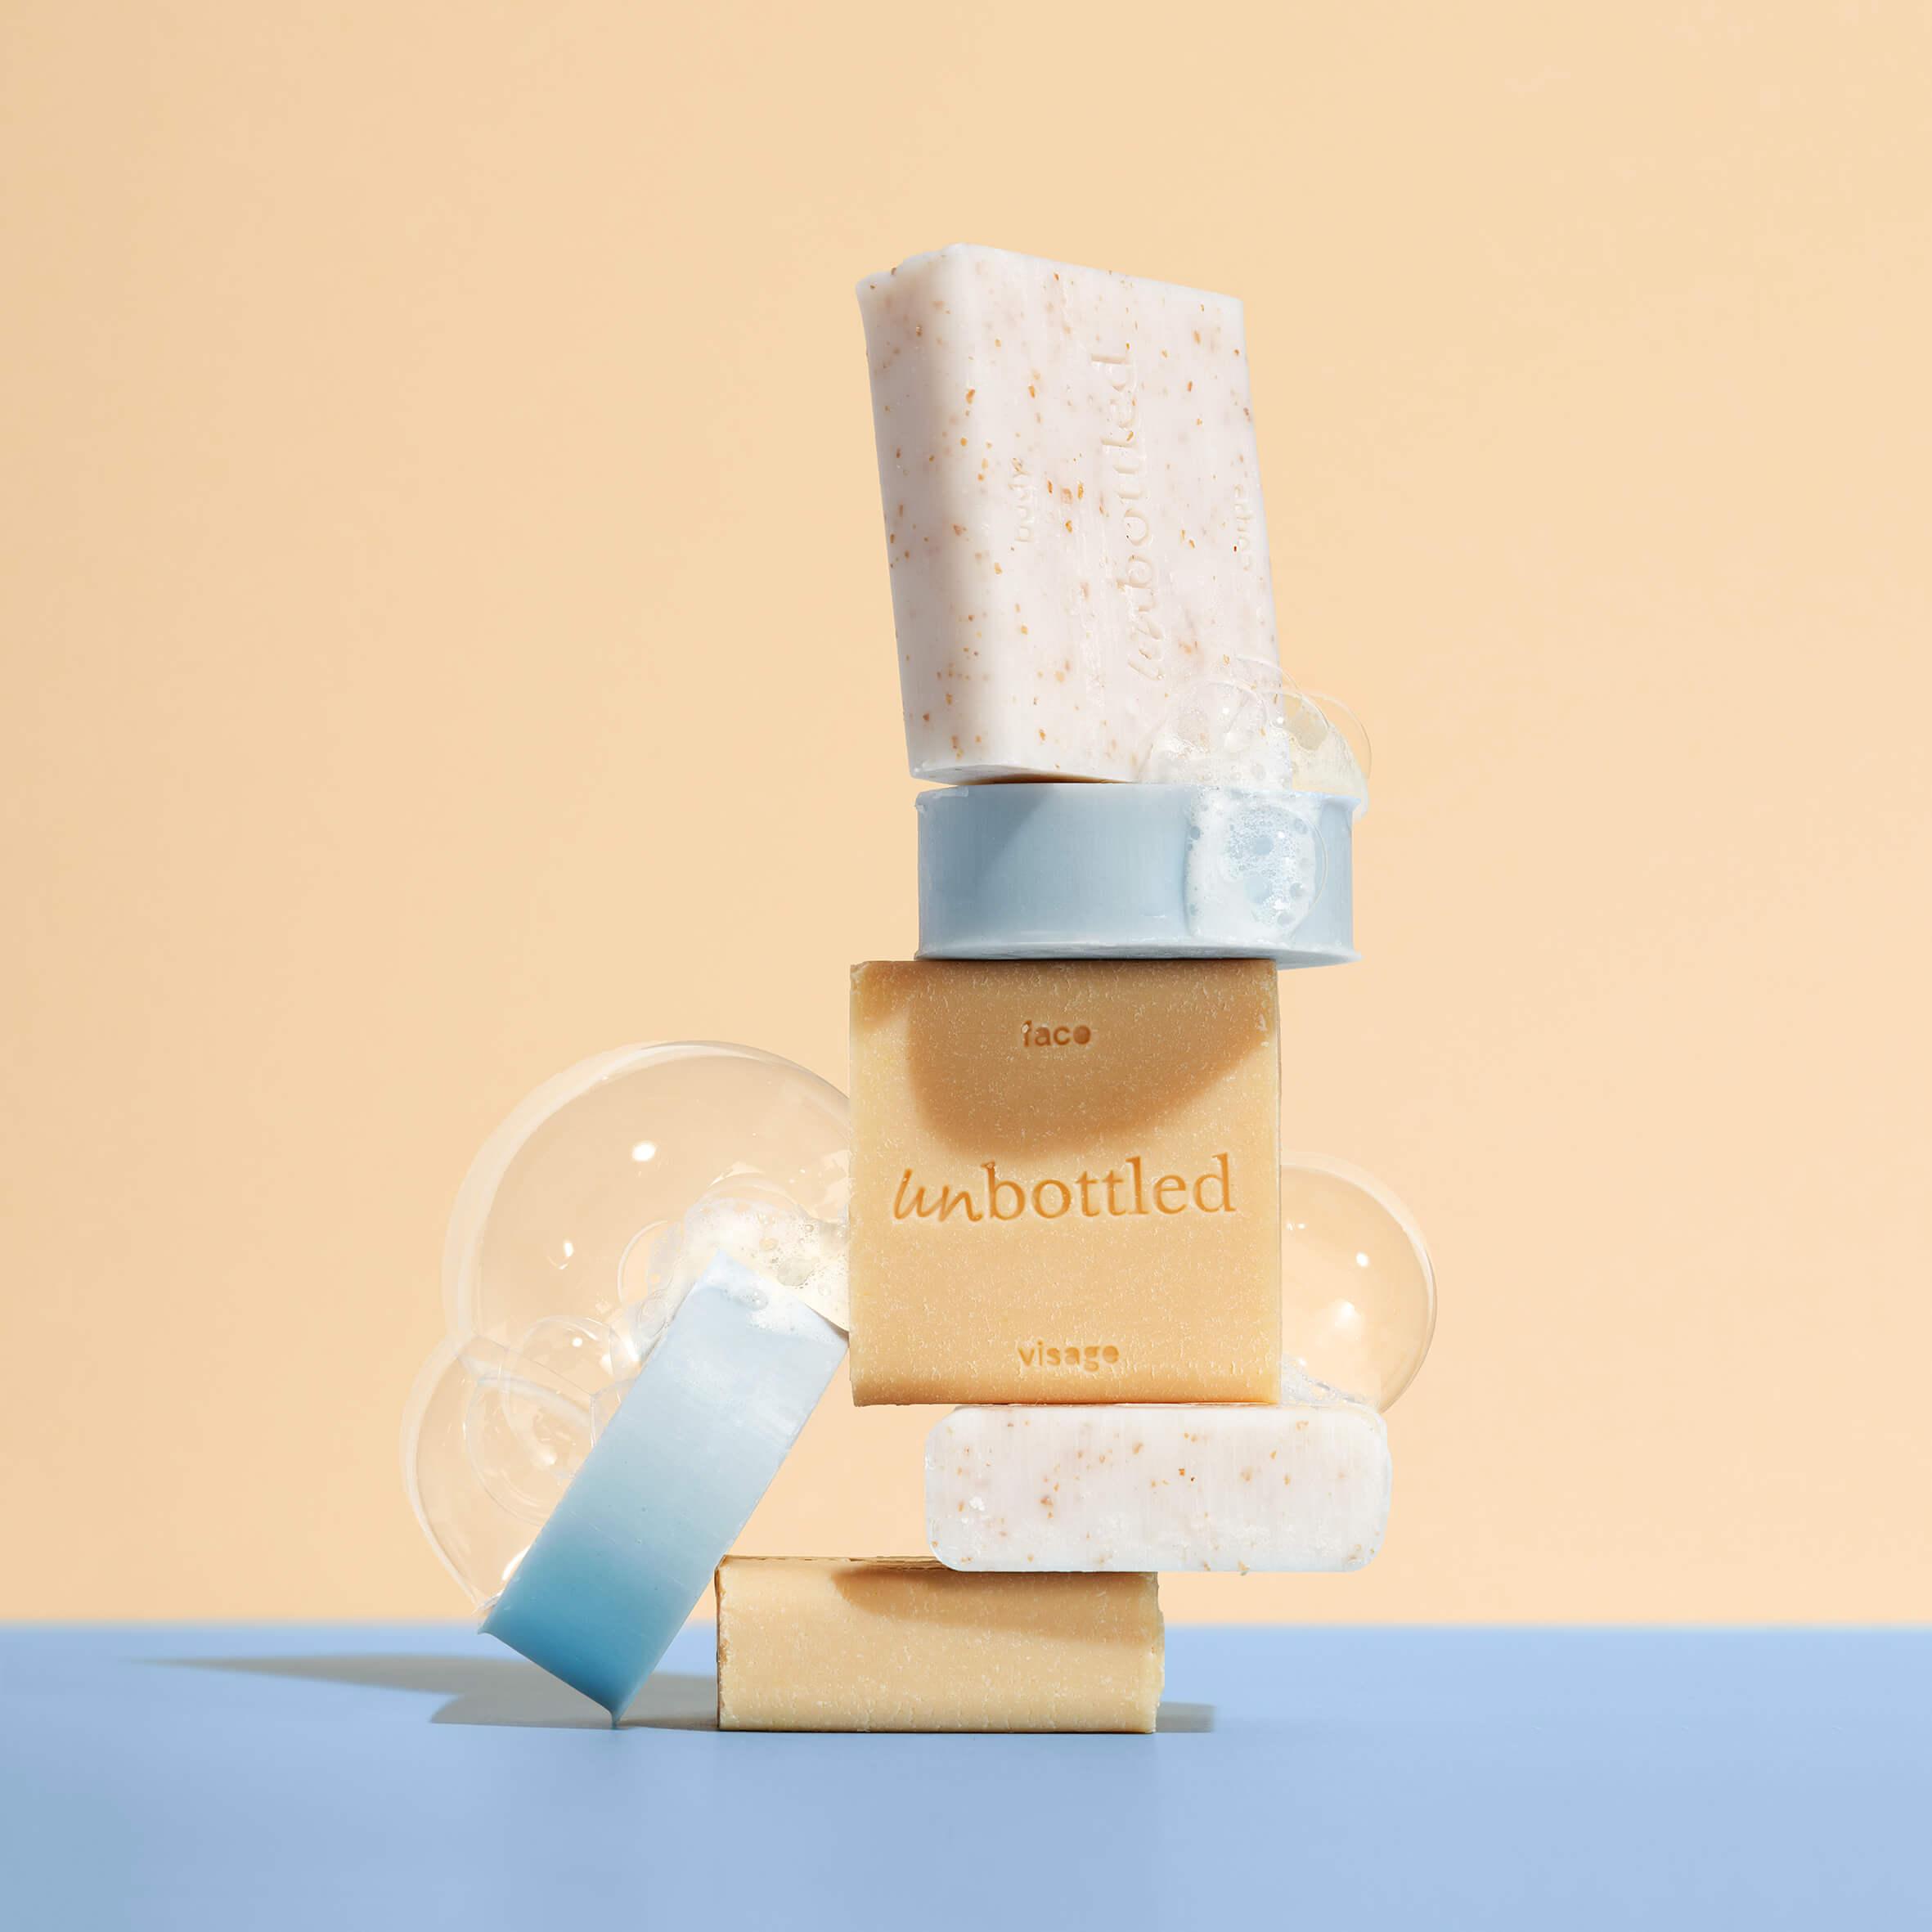 pastillas de jabón de la marca Unbottled